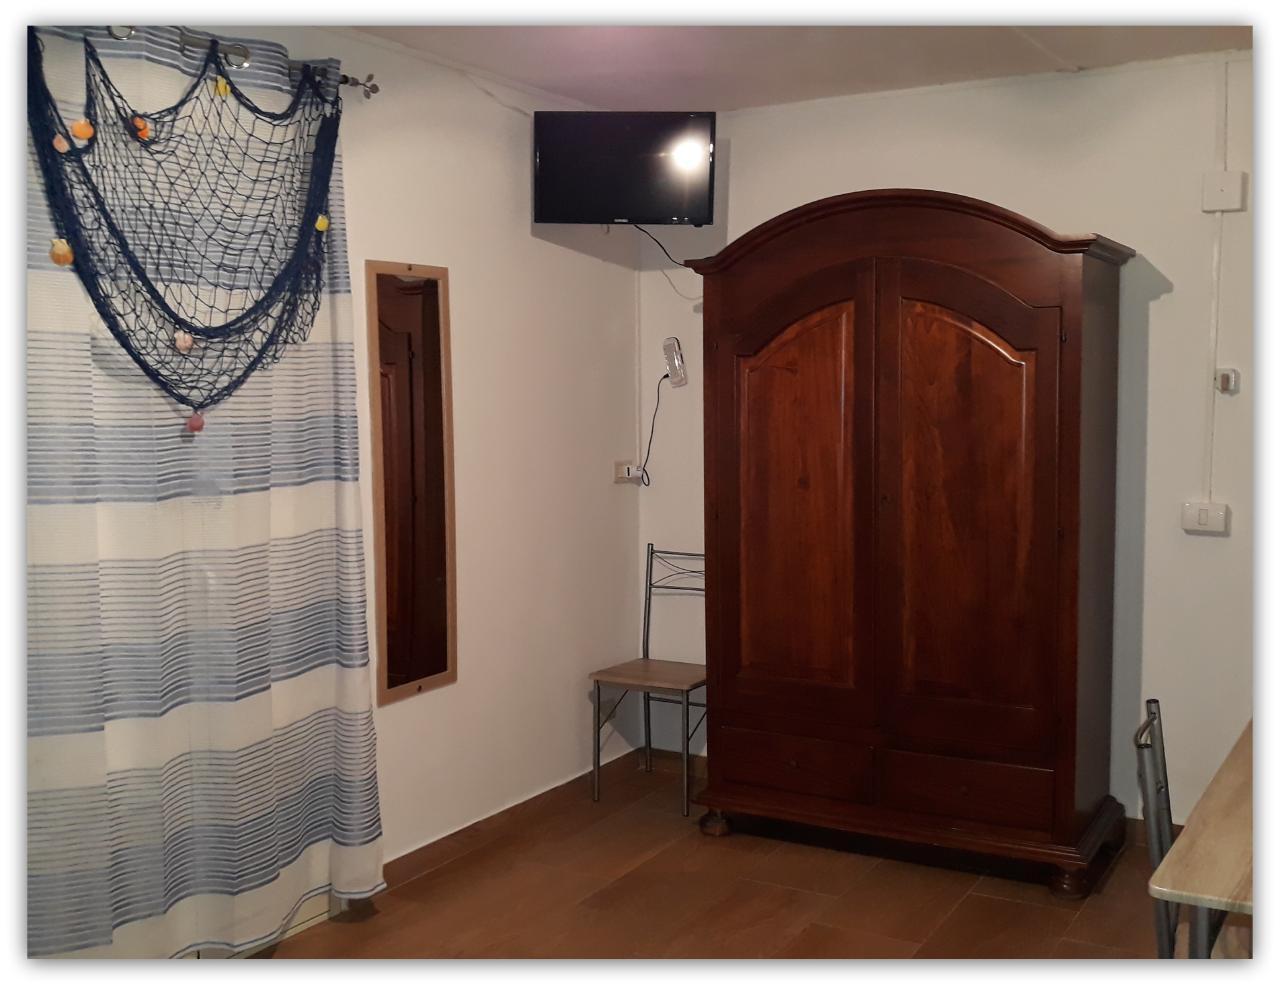 Ferienwohnung Doppelzimmer mit Veranda in der Altstadt von Sciacca (1677195), Sciacca, Agrigento, Sizilien, Italien, Bild 6